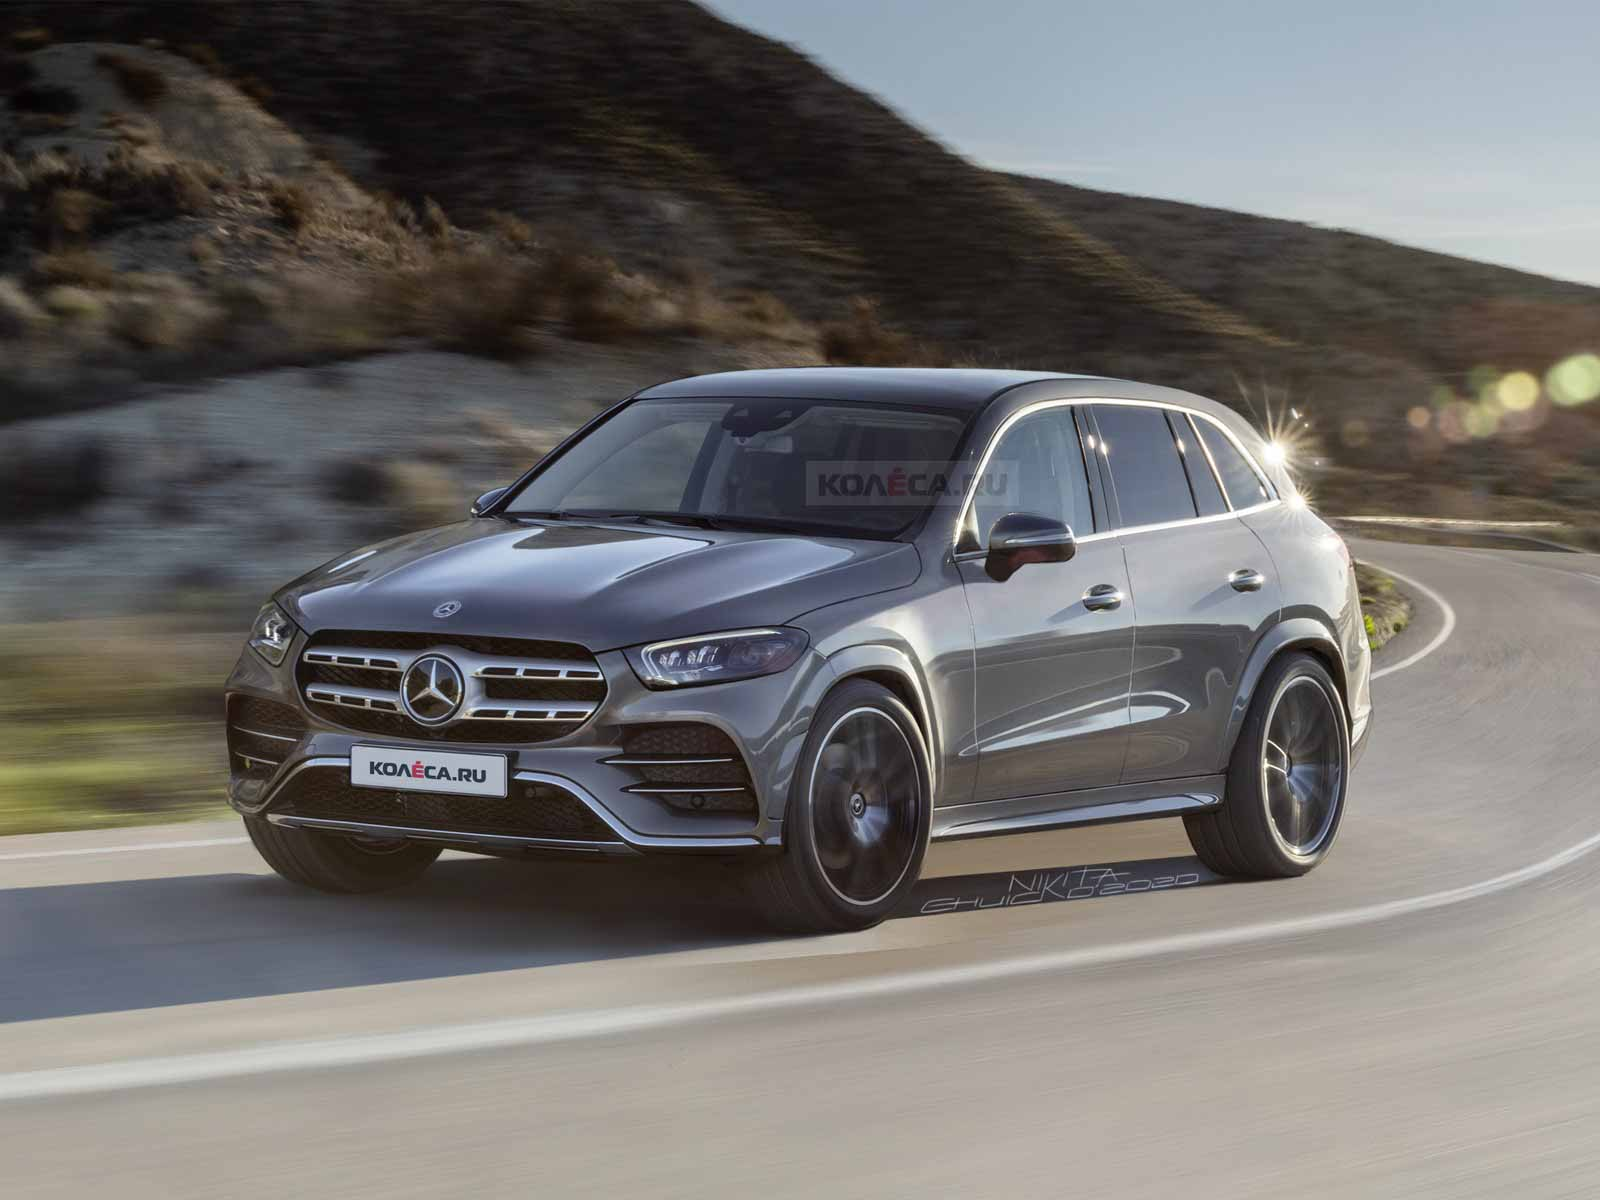 Новый Mercedes-Benz GLC 2022 - Kolesa.ru - автомобильный журнал